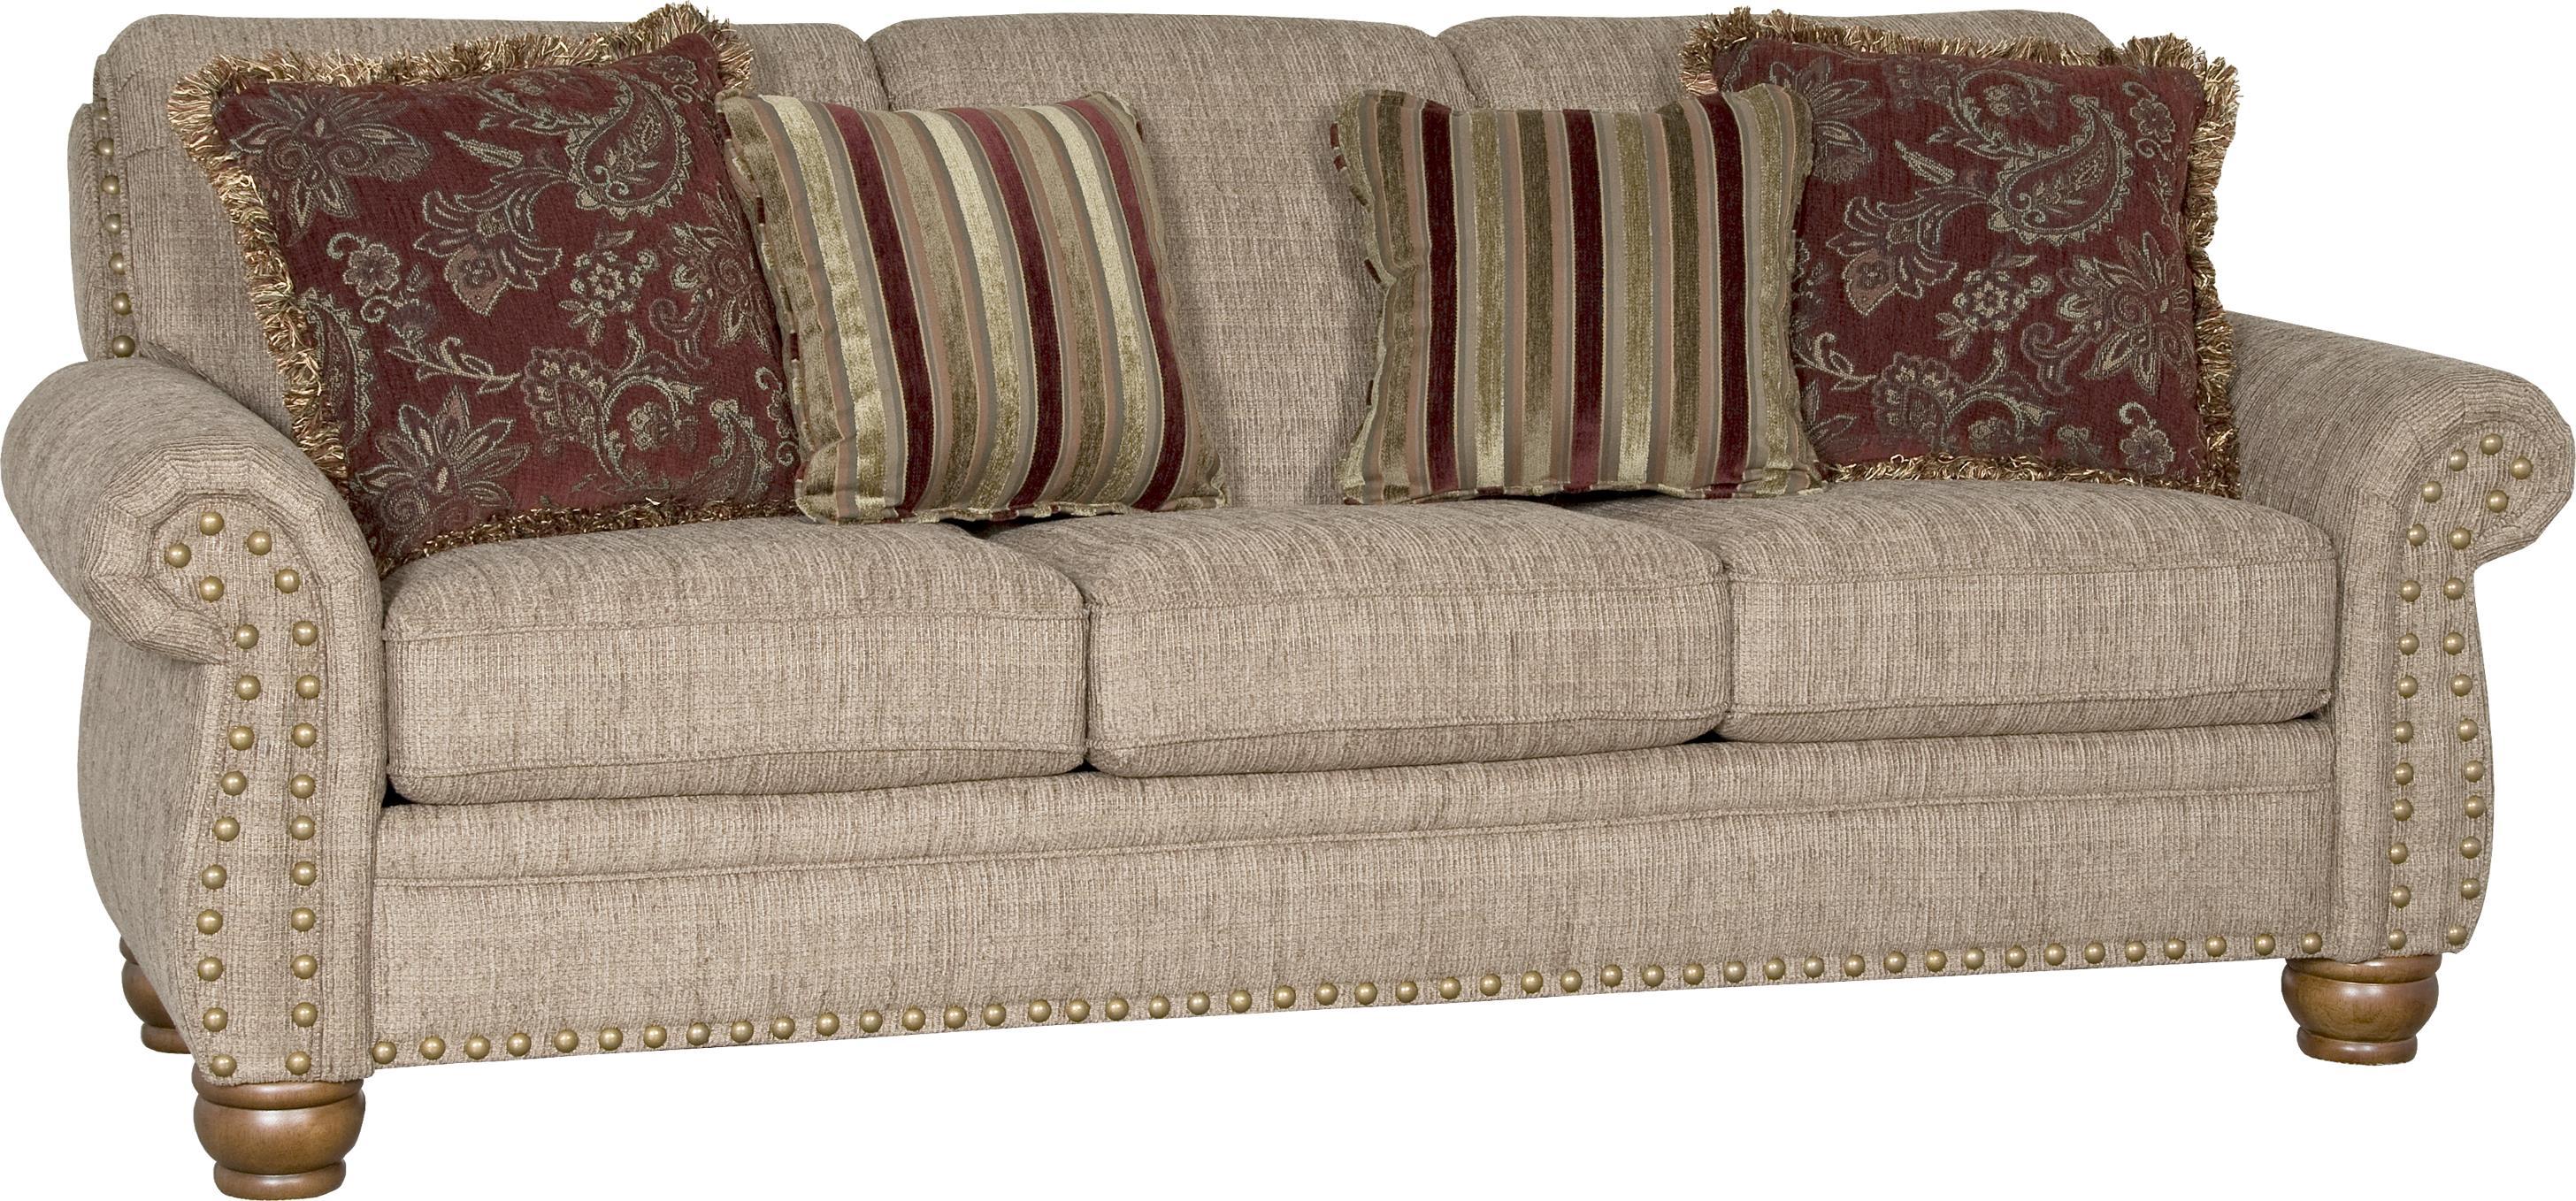 9780 Sofa by Mayo at Pedigo Furniture